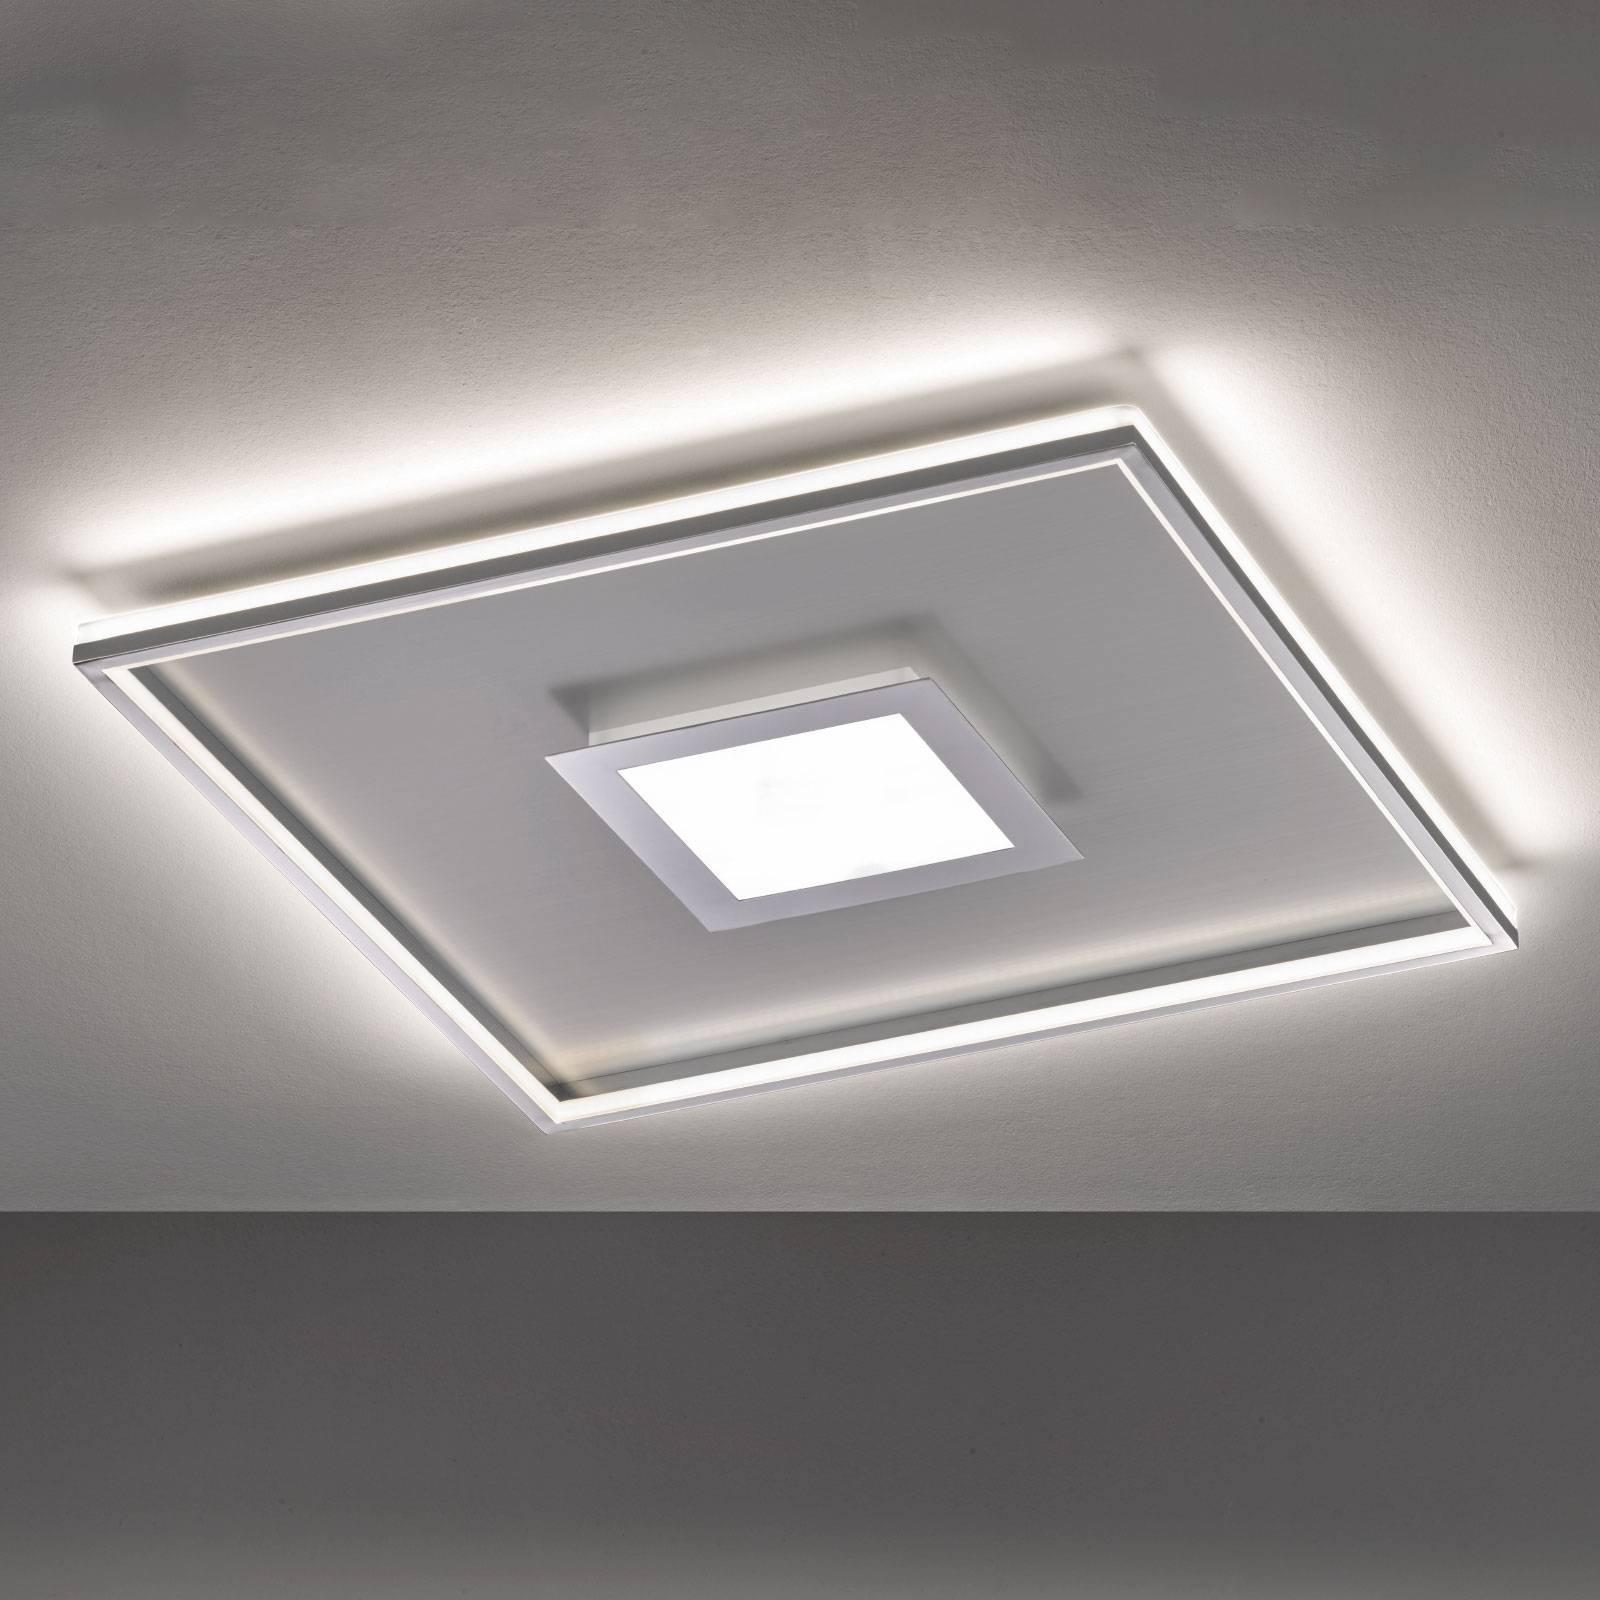 LED plafondlamp Zoe, quadratisch, chroom 80x80cm